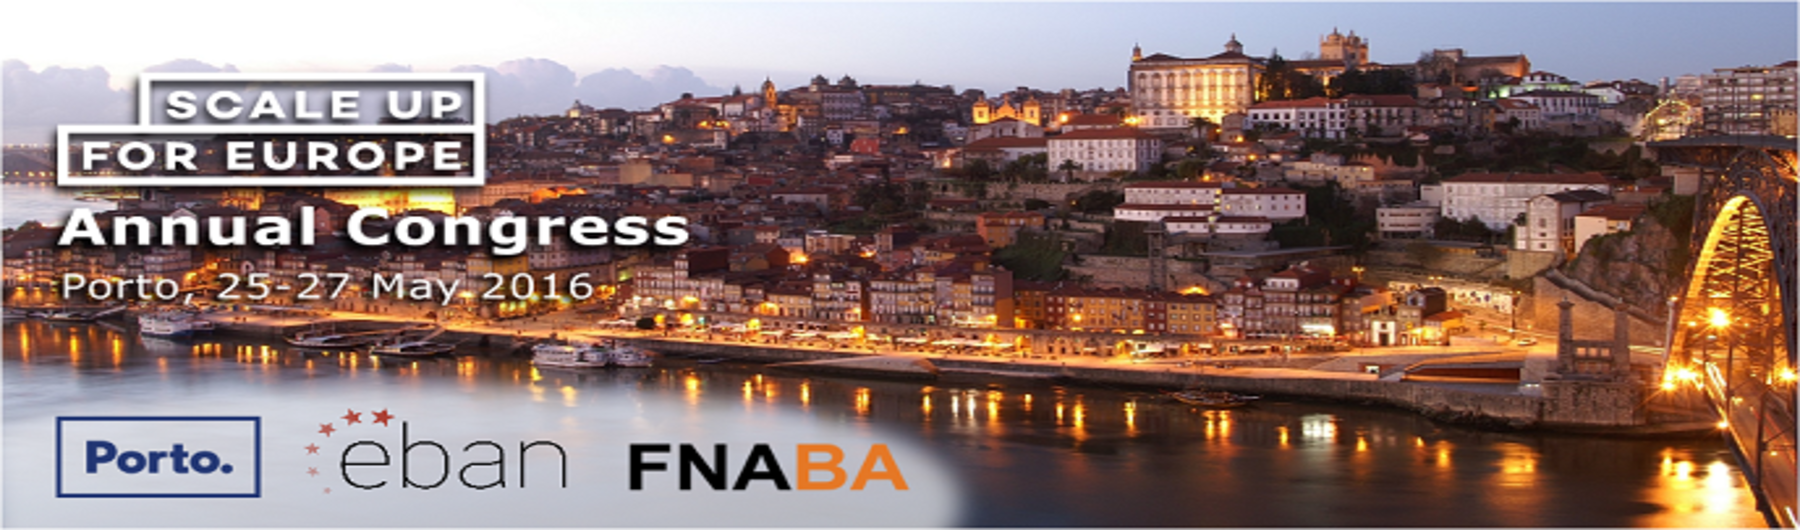 EBAN 2016 Annual Congress   Scaleup for Europe